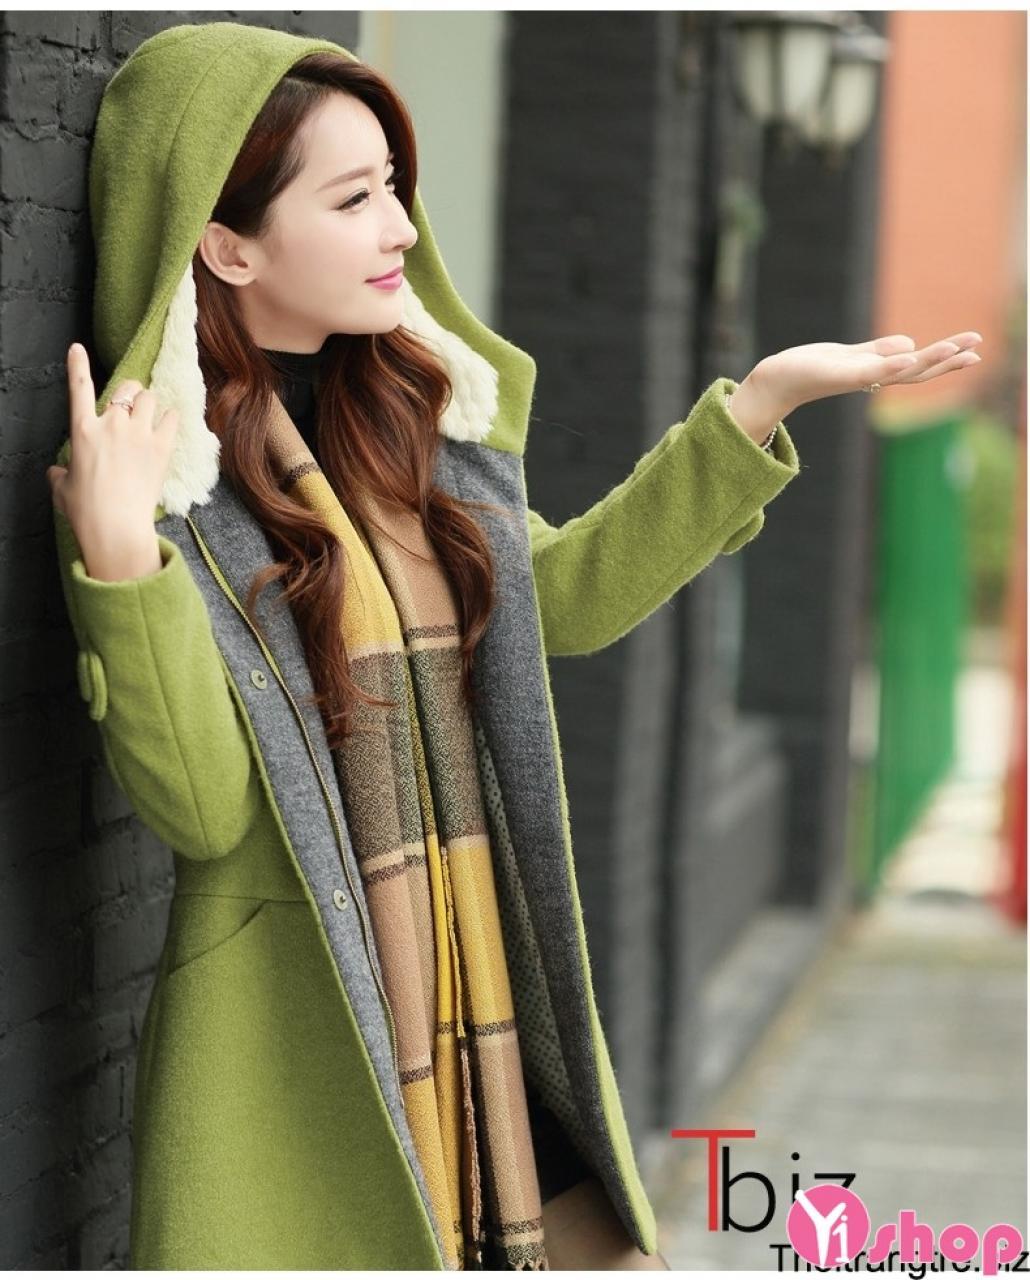 Áo khoác dạ nữ công sở đẹp duyên dáng kiểu Hàn Quốc ấm áp thu đông 2019